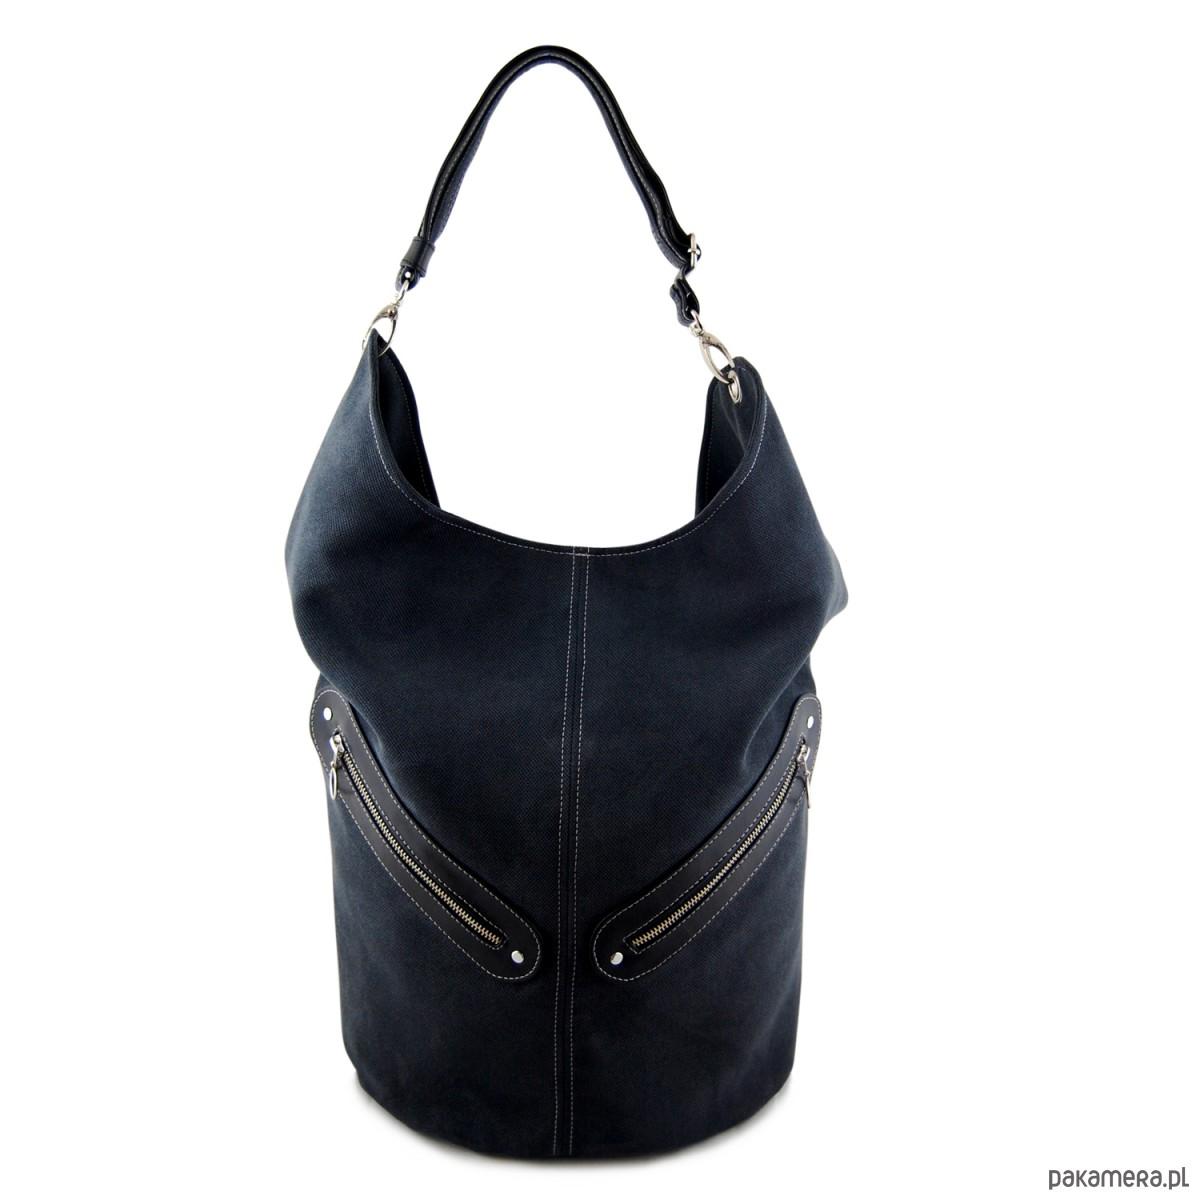 5624aff120501 KOFI - duża torba worek - czarna - torby na ramię - damskie - Pakamera.pl